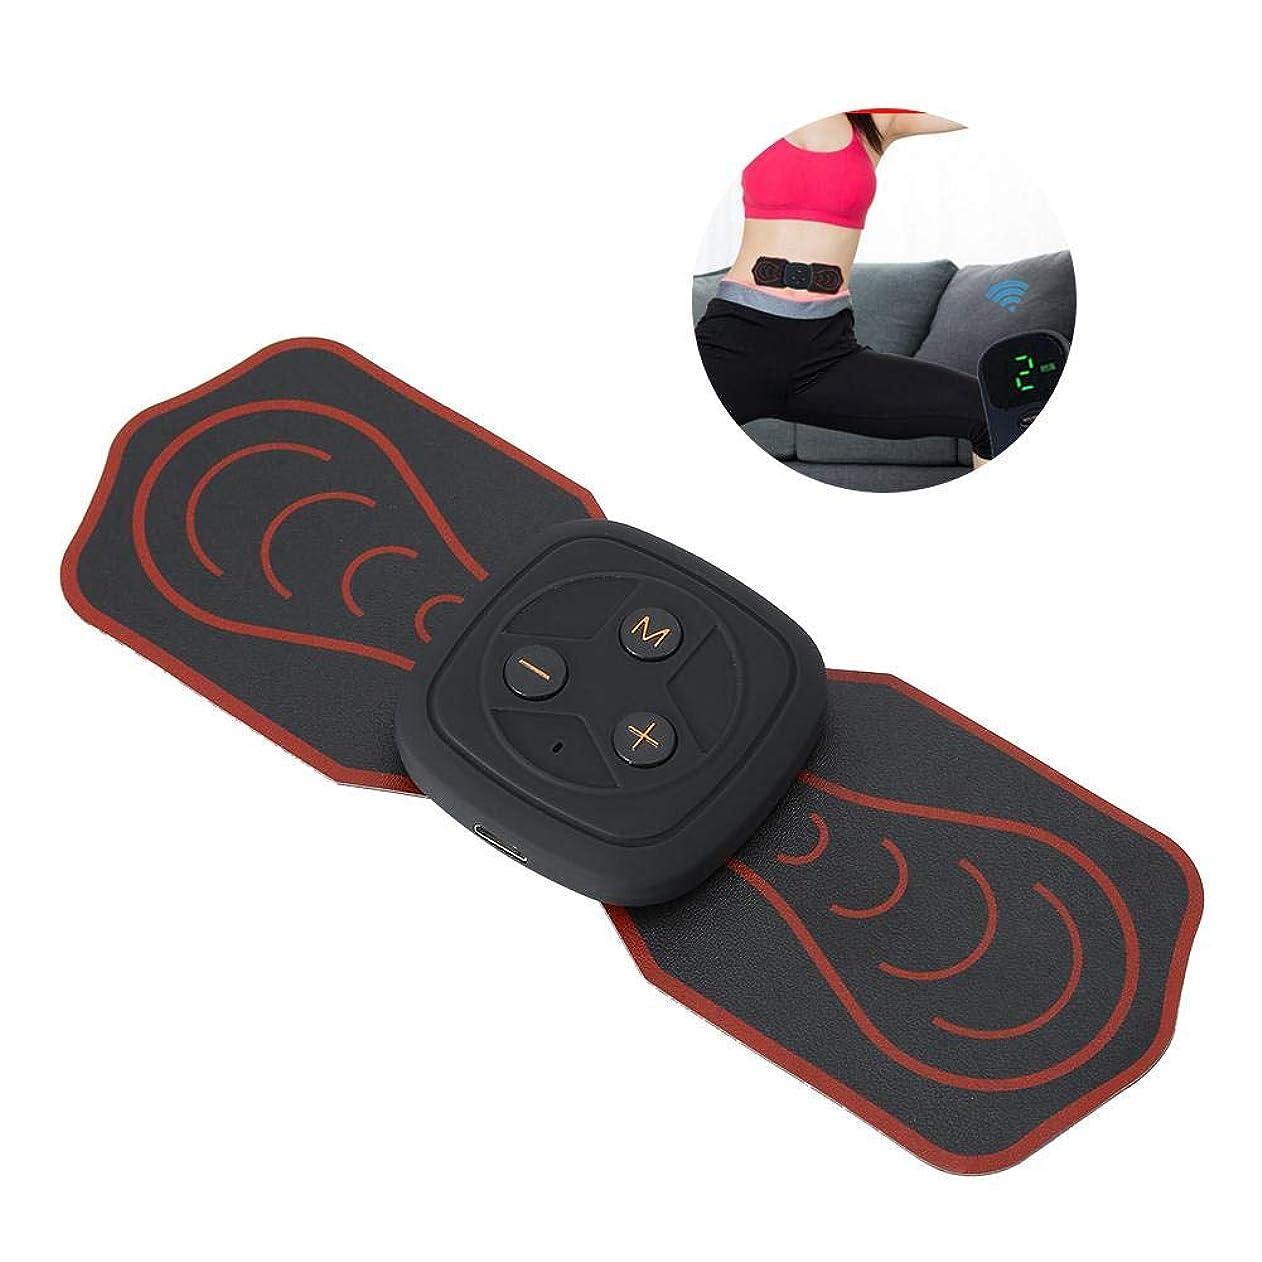 荒廃するいいね努力首サポーターミニマッサージャー多機能パッド低周波デジタルマッサージ用背中足足筋肉